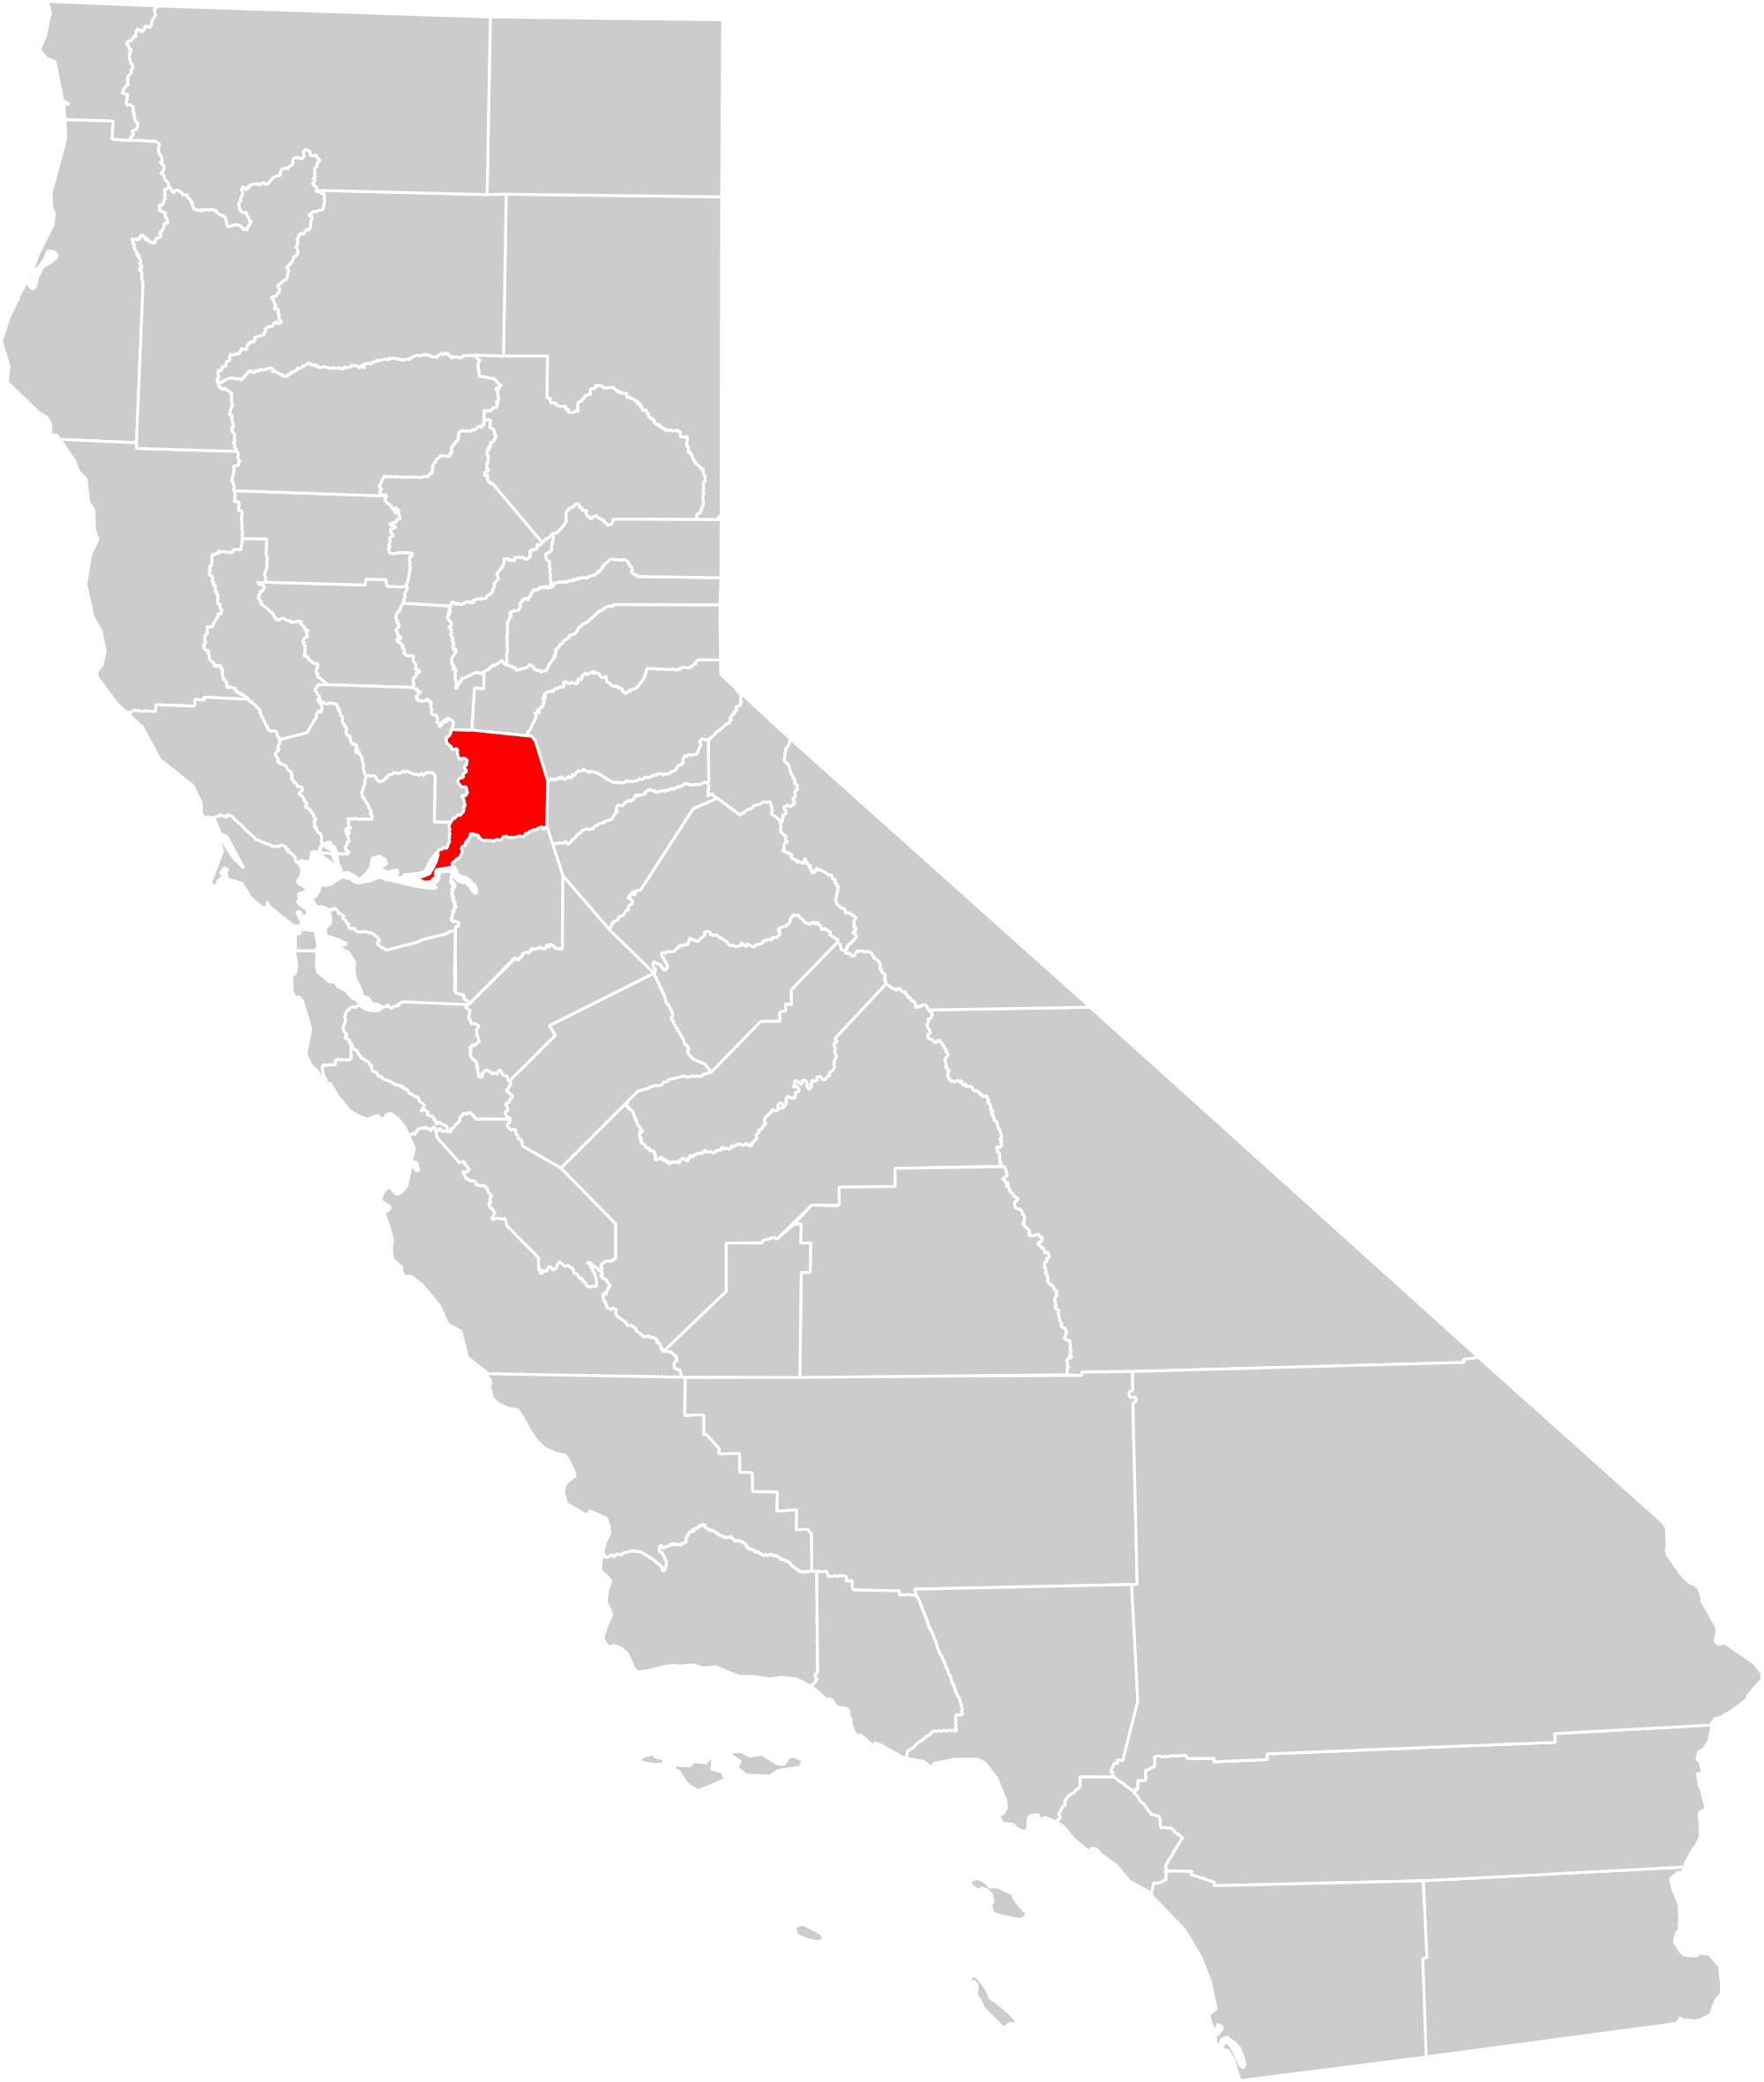 Px California County Map Sacramento County Highlighted Svg - Map Of Sacramento County California